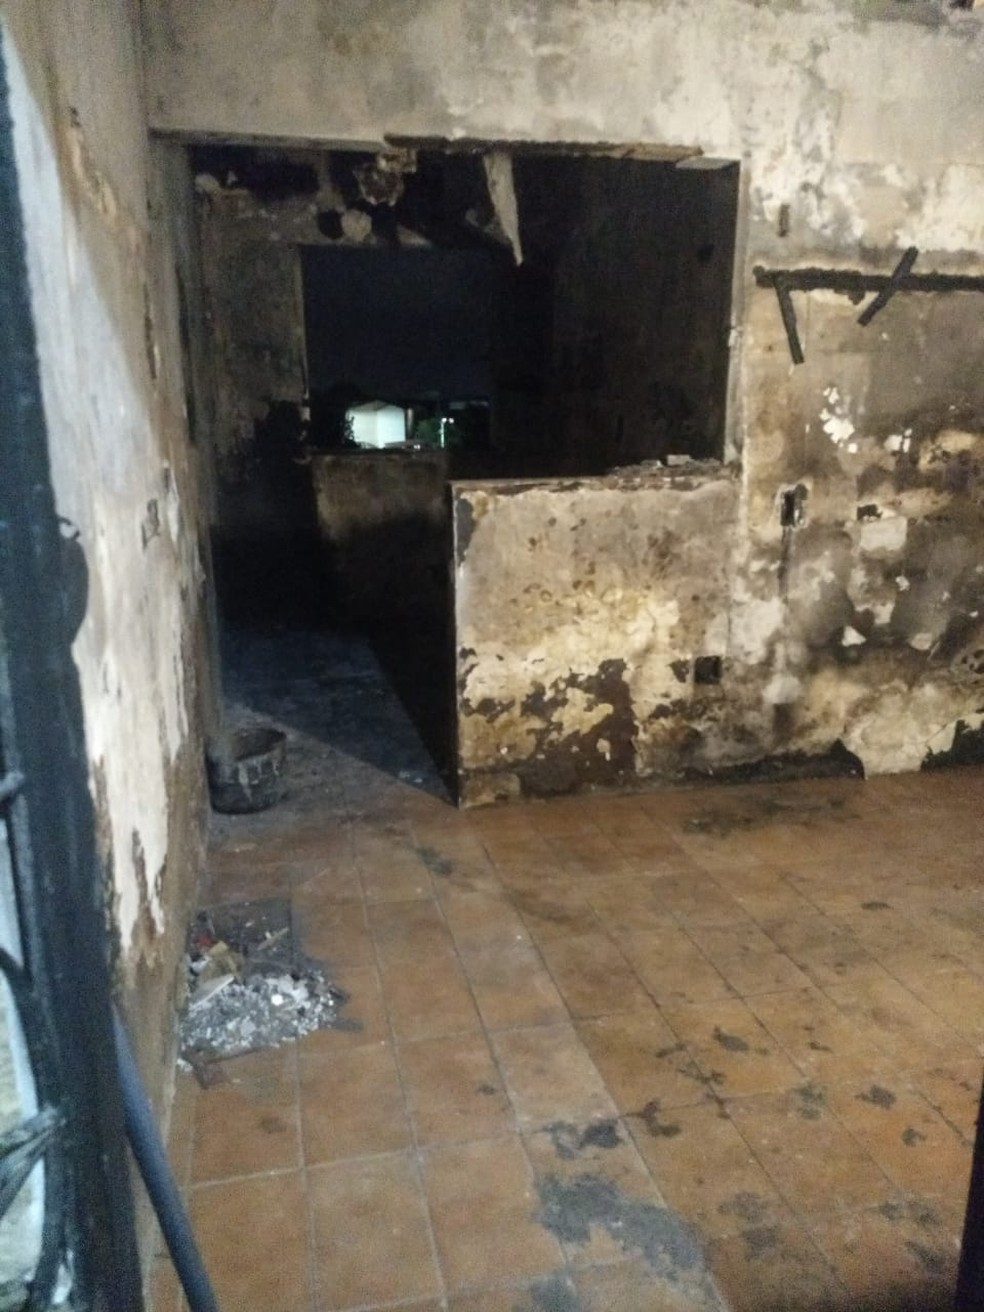 Vizinhos informaram que a suspeita é de que houve um curto-circuito em um ventilador do apartamento. — Foto: Arquivo pessoal